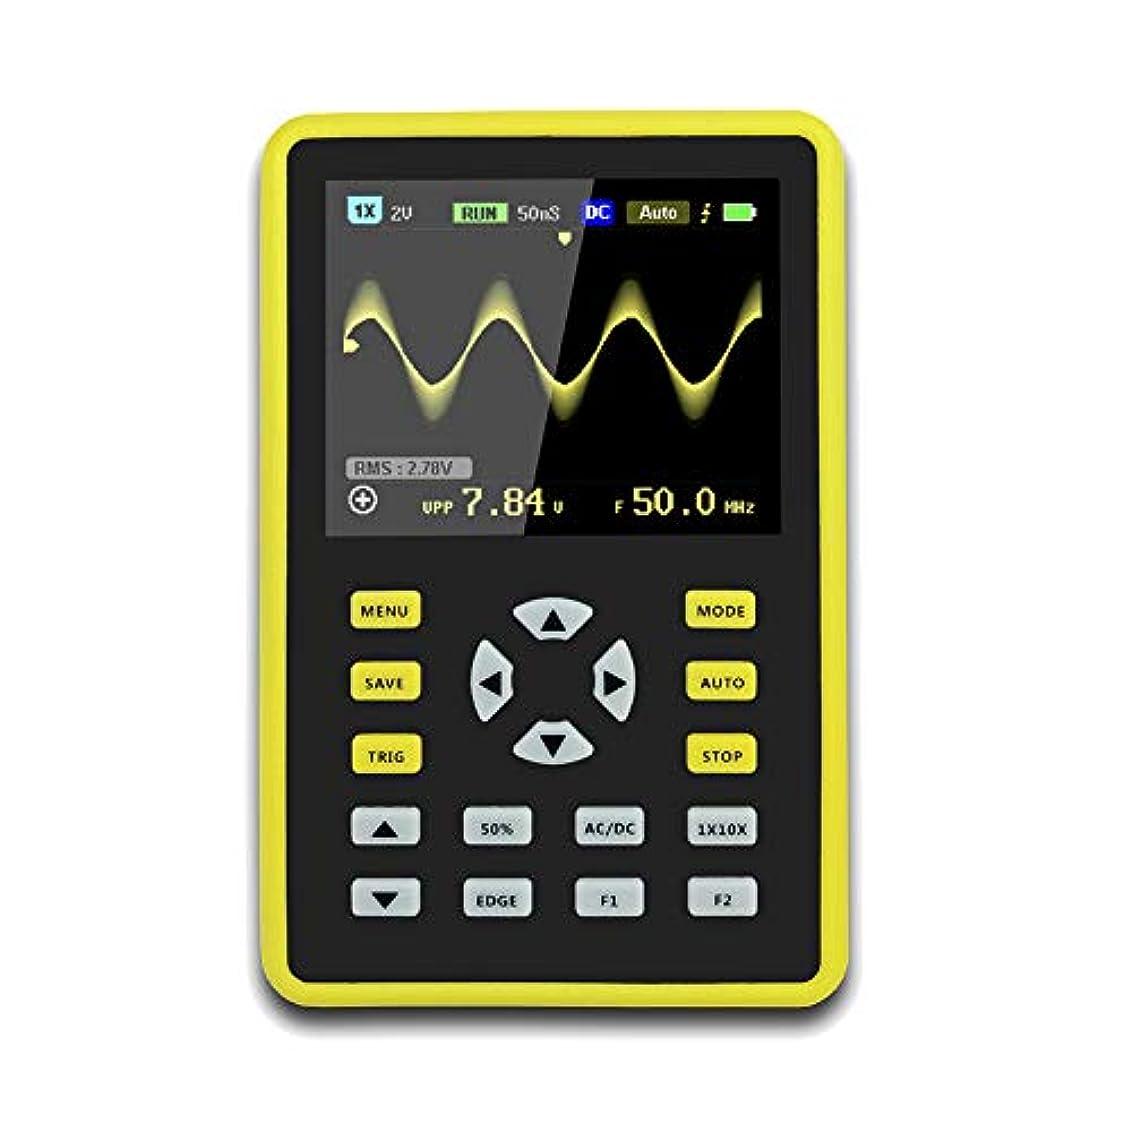 させるカブオーバーフローProfeel 手持ち型デジタル小型オシロスコープ2.4インチ500 MS/s IPS LCD表示スクリーンの携帯用